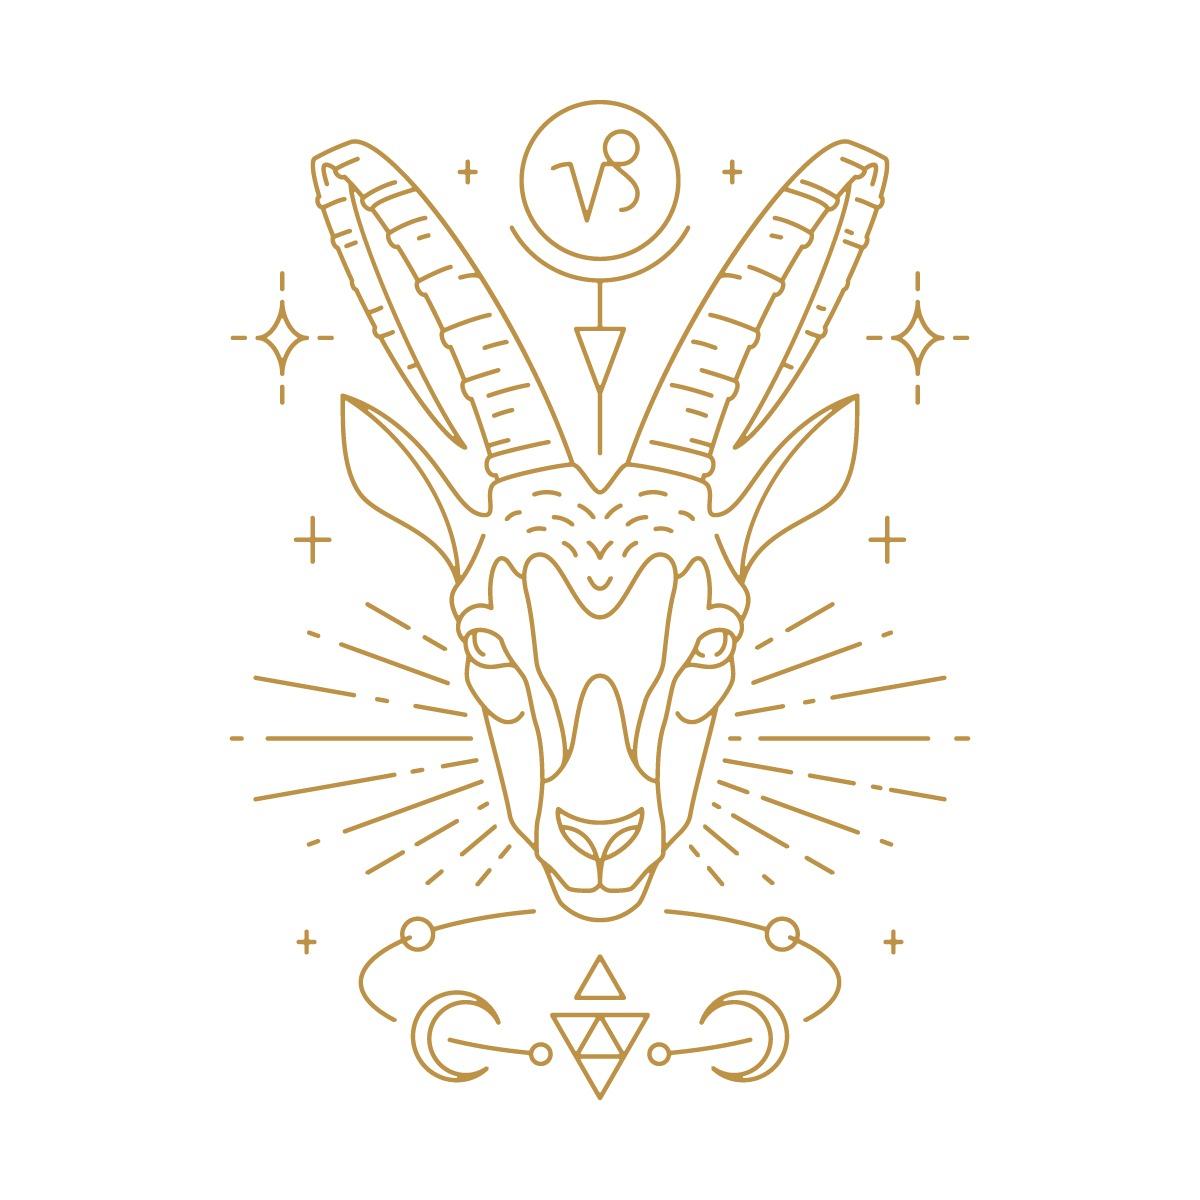 Hình vẽ đầu dê, biểu tượng cung hoàng đạo Ma Kết